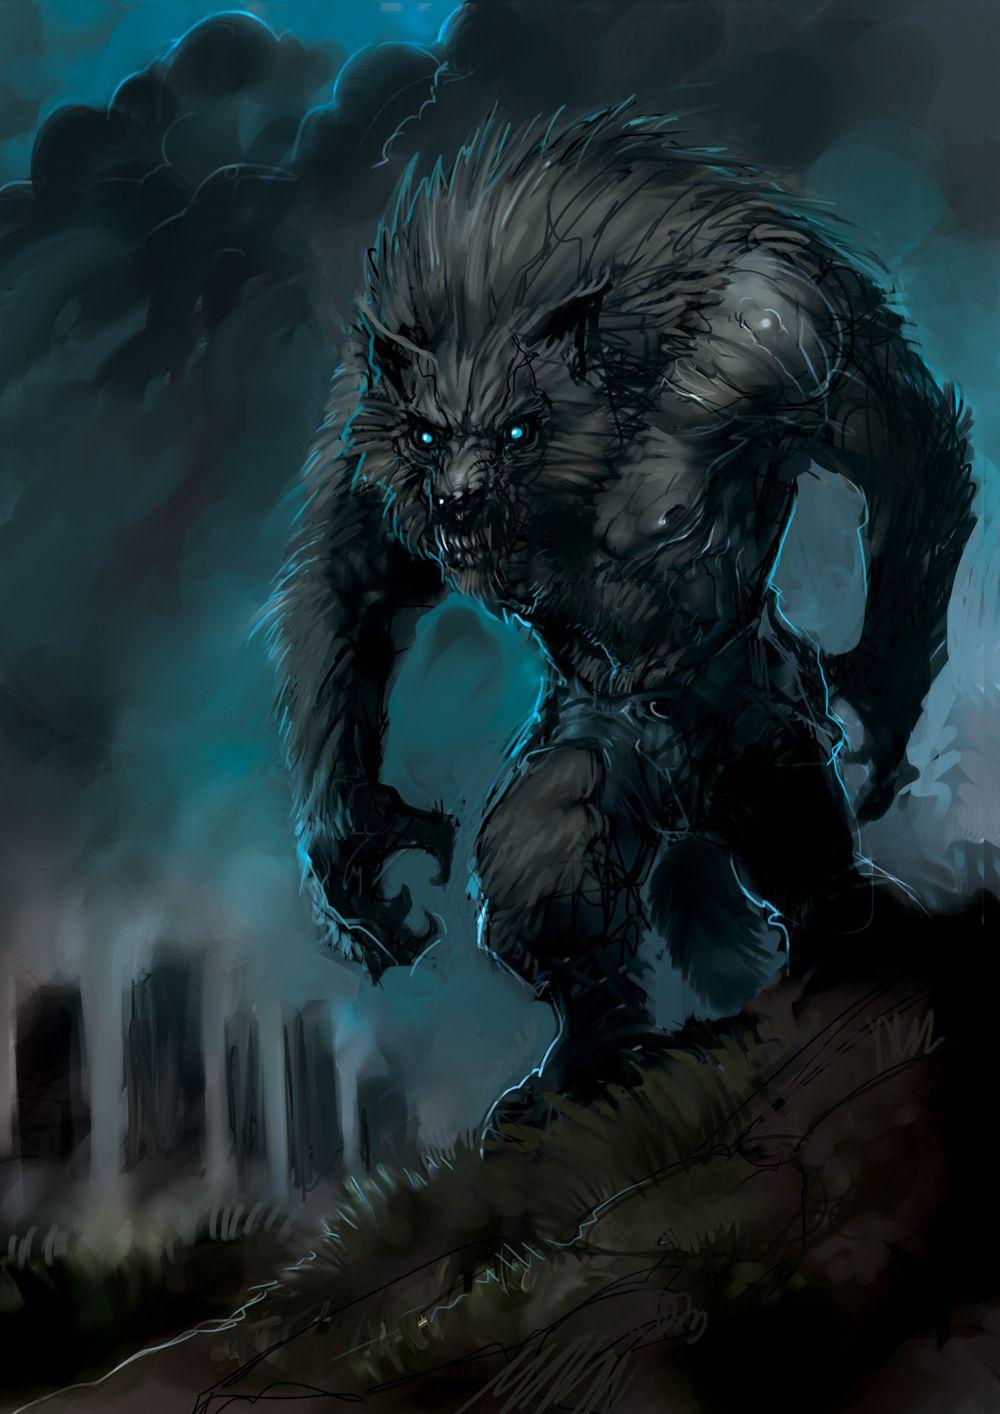 Night Werewolf King Of The Werewolves Werewolf Art Werewolf